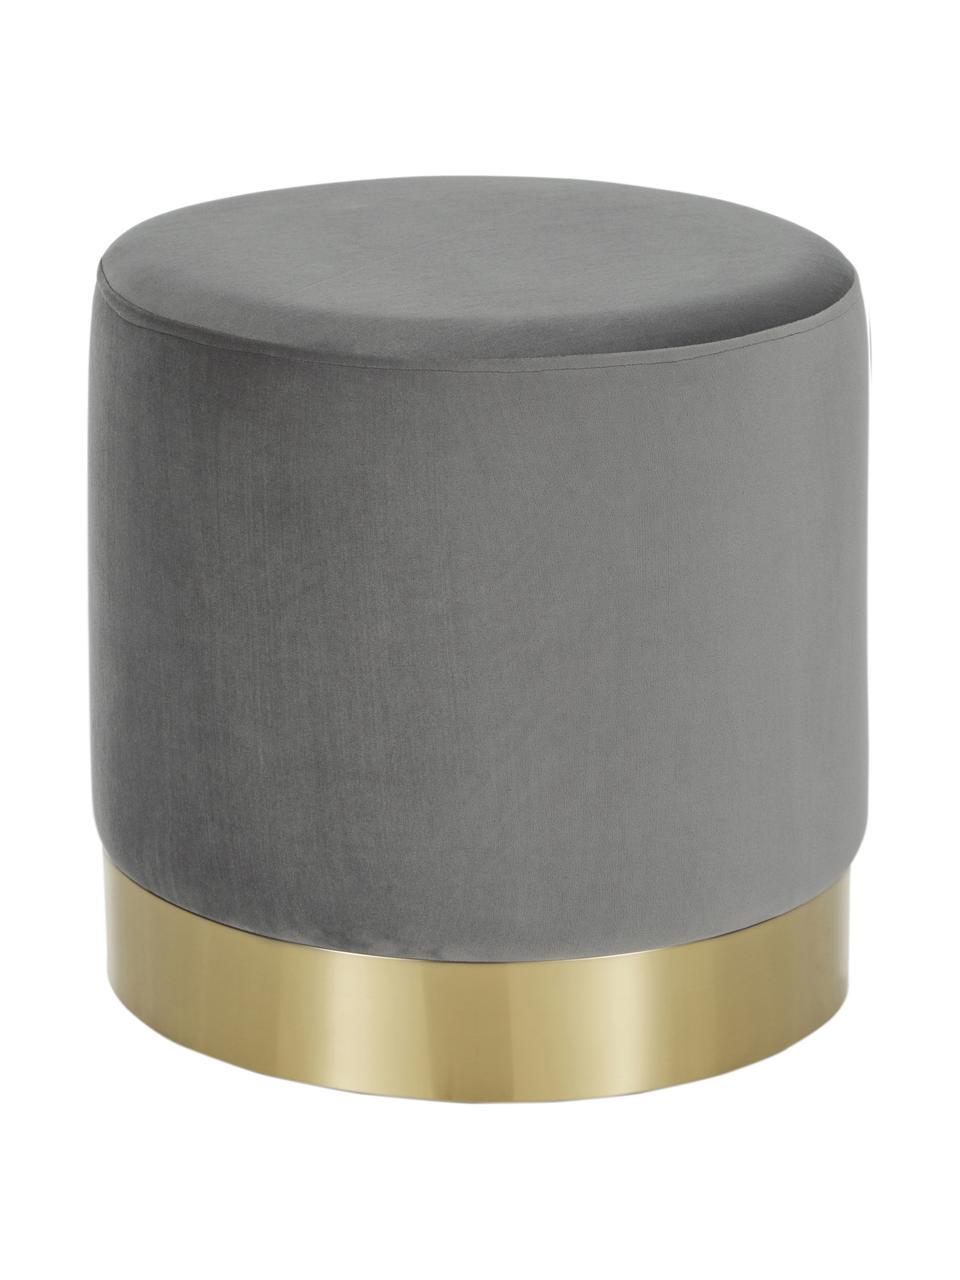 Pouf in velluto grigio Orchid, Rivestimento: velluto (100% poliestere), Struttura: compensato, Rivestimento: grigio Base: dorato, Ø 38 x Alt. 38 cm